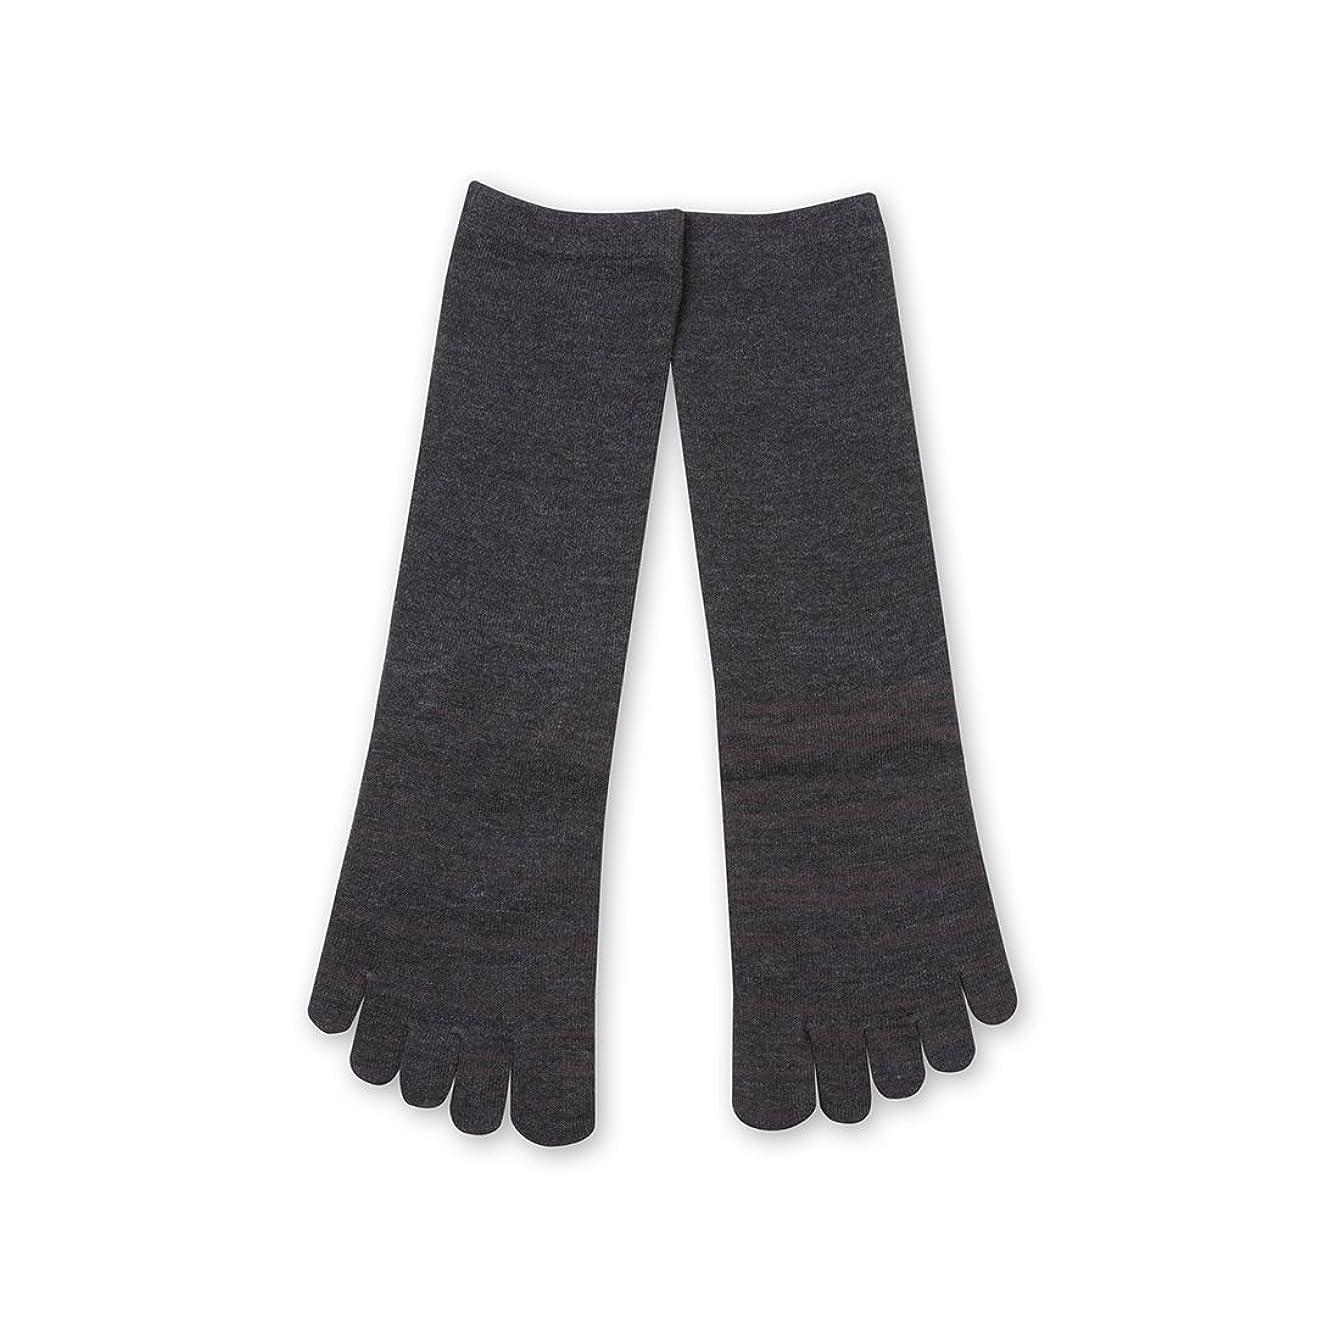 注釈拮抗八百屋Deol(デオル) 5本指 ソックス 女性用 靴下 23~25cm グレー